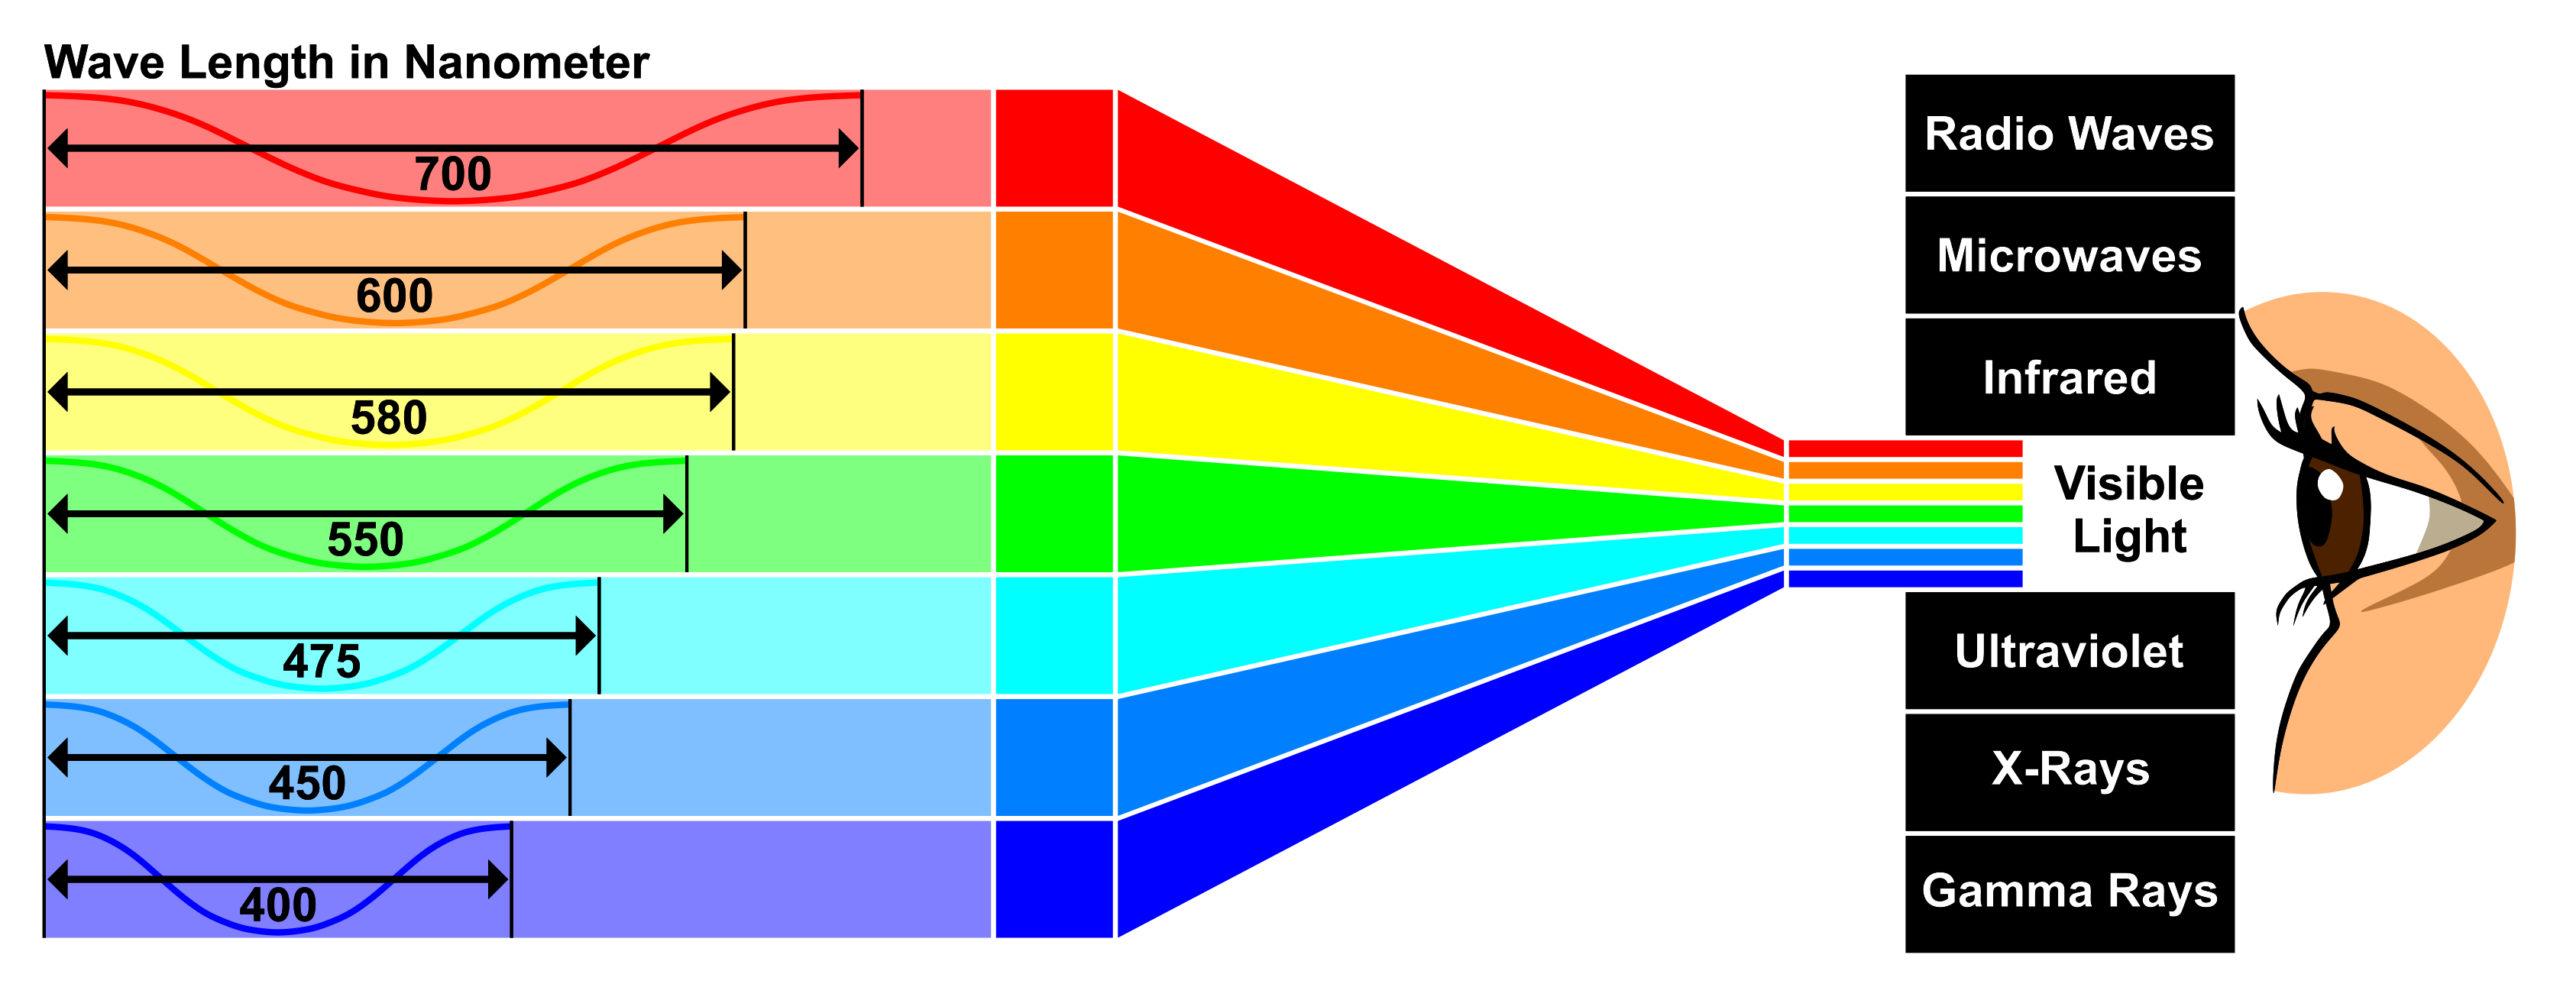 energia luminosa _ espectro eletromagnético de luz visível